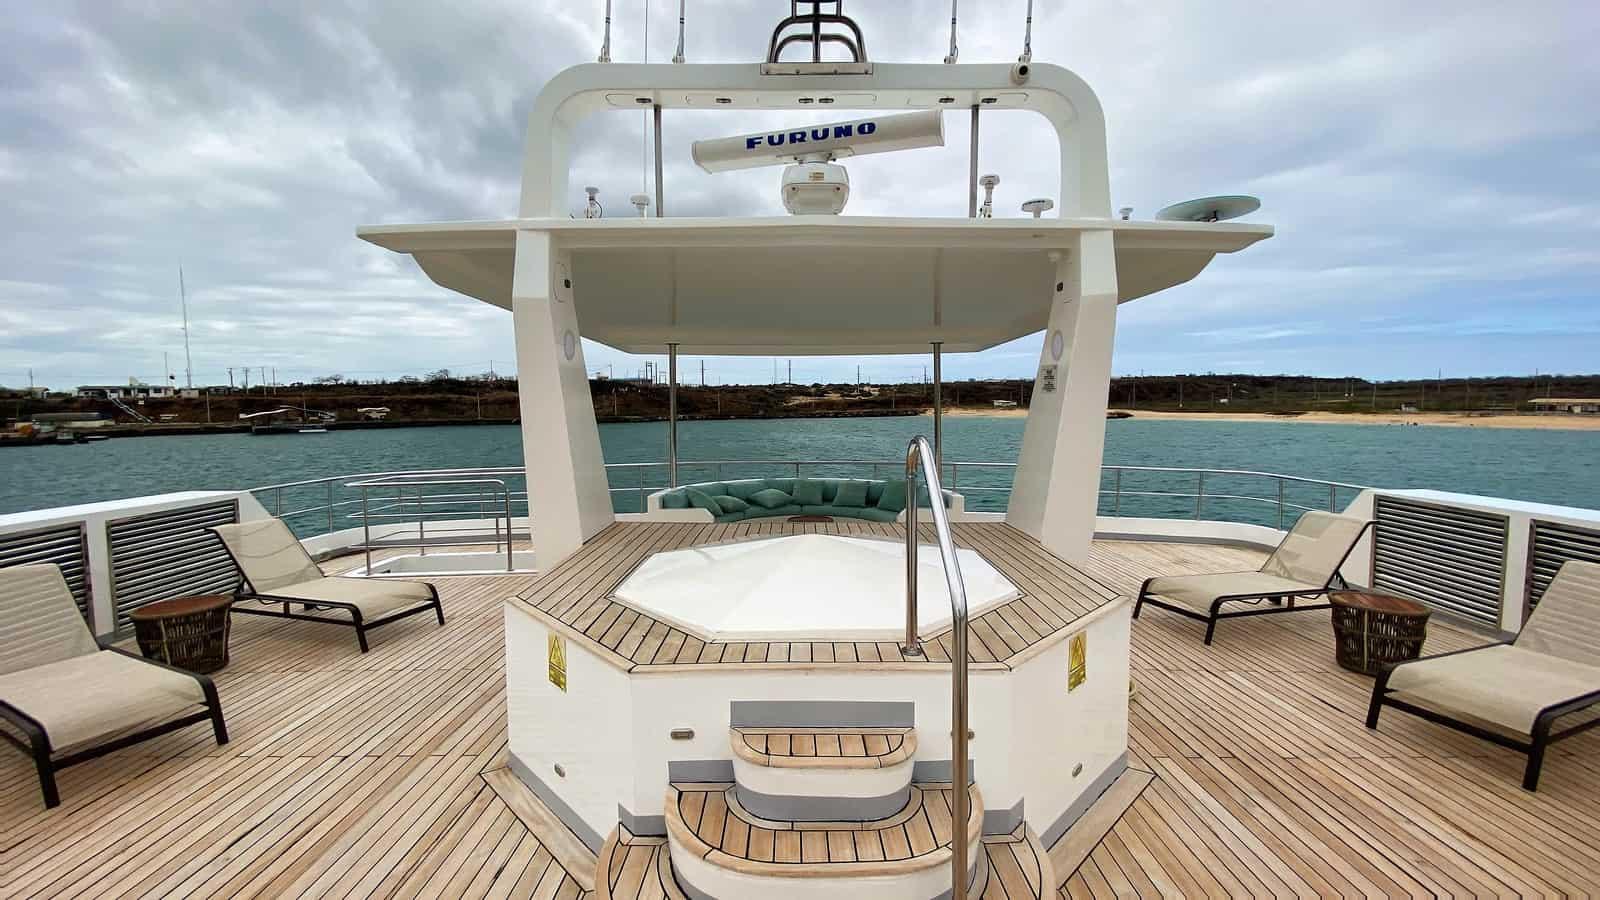 Galapagos cruise - Alya